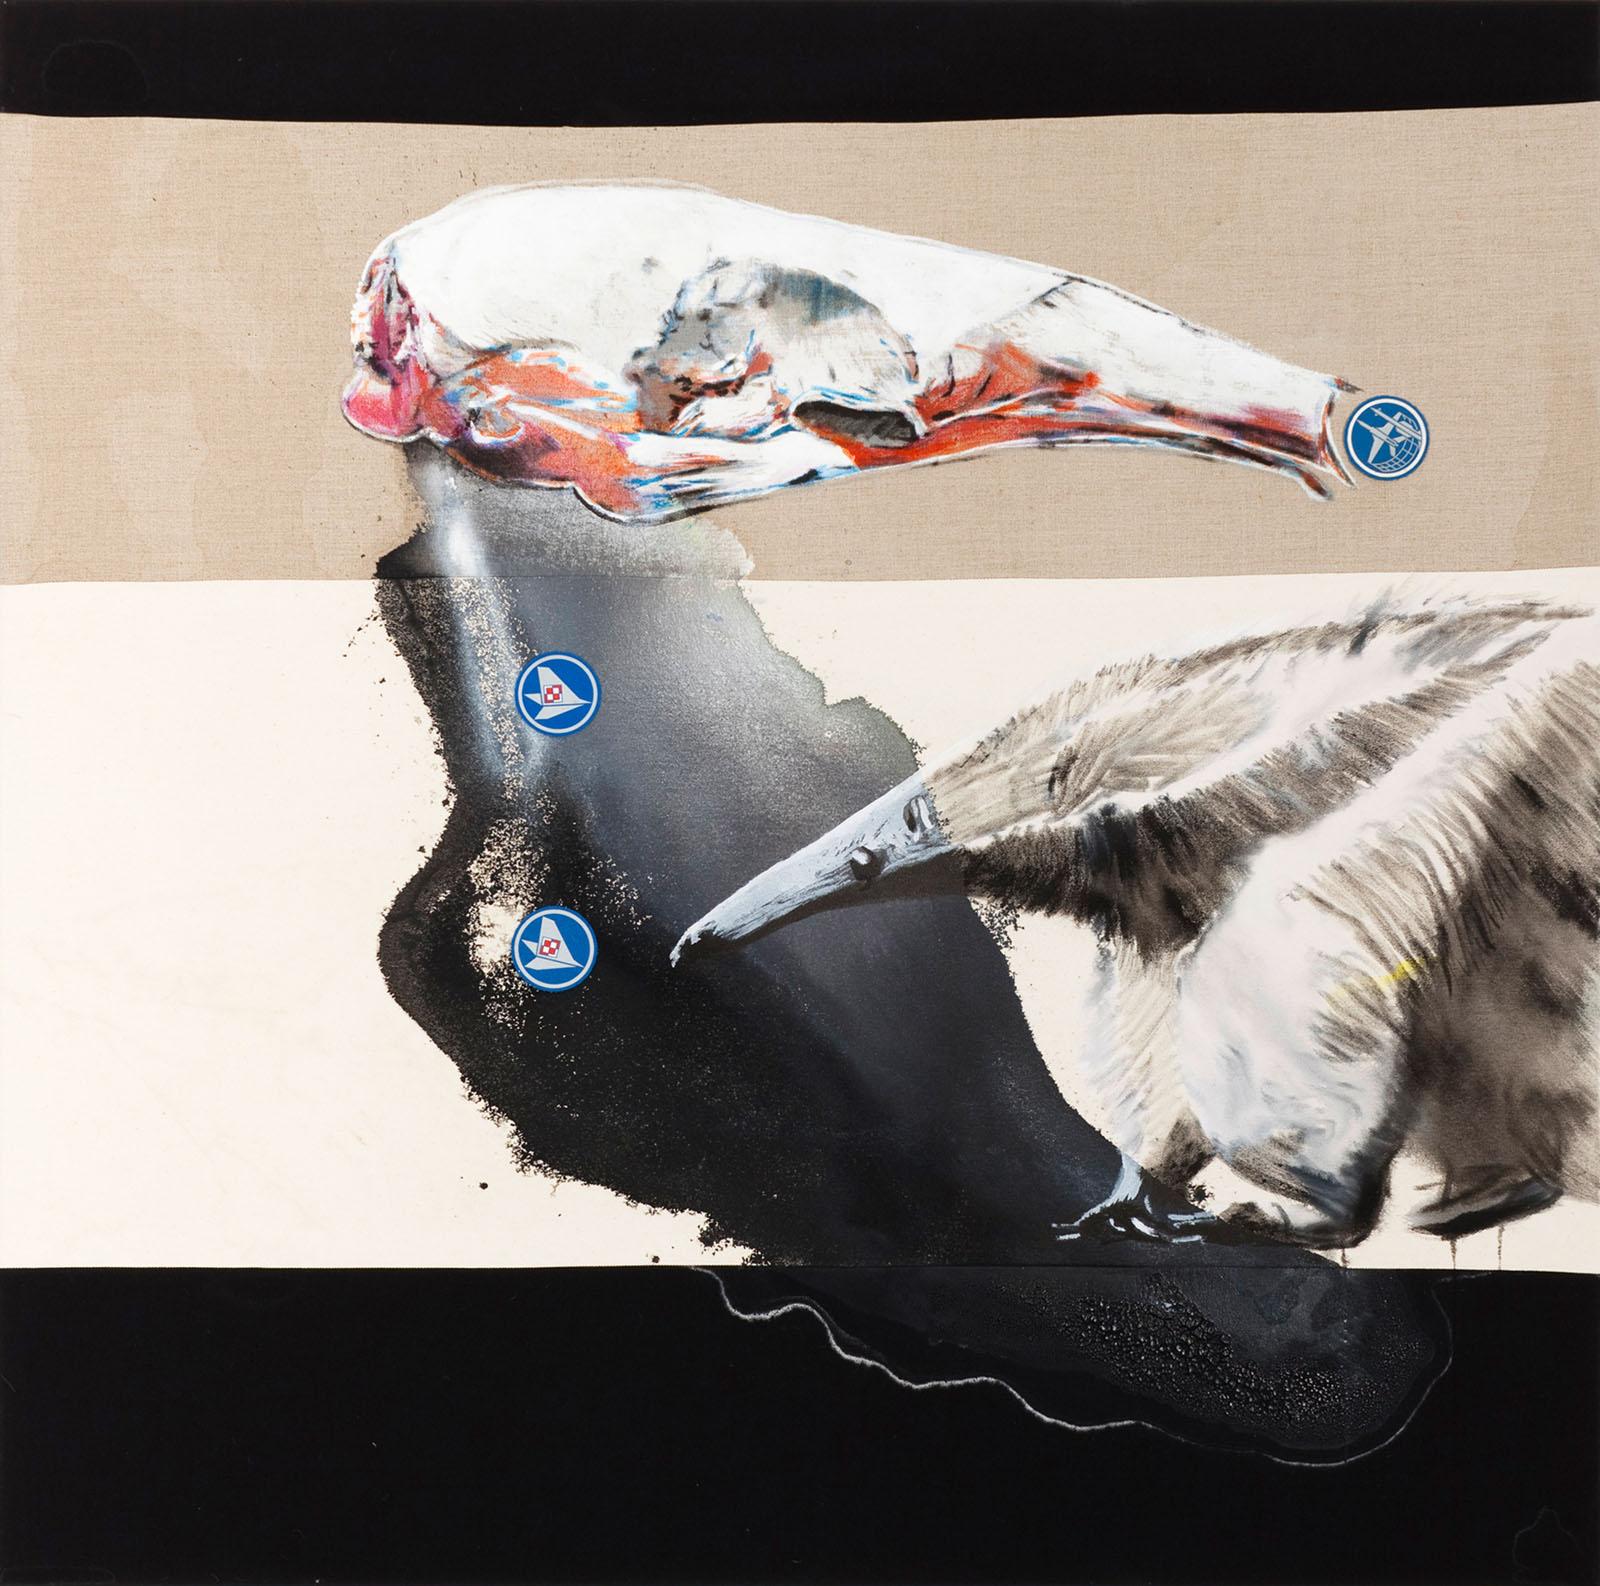 """o.T. aus """"Krähen Kommen -Titanweiß"""", 2009, 130 x 130 cm, Mischtechnik & Applikationen auf Leinwand"""